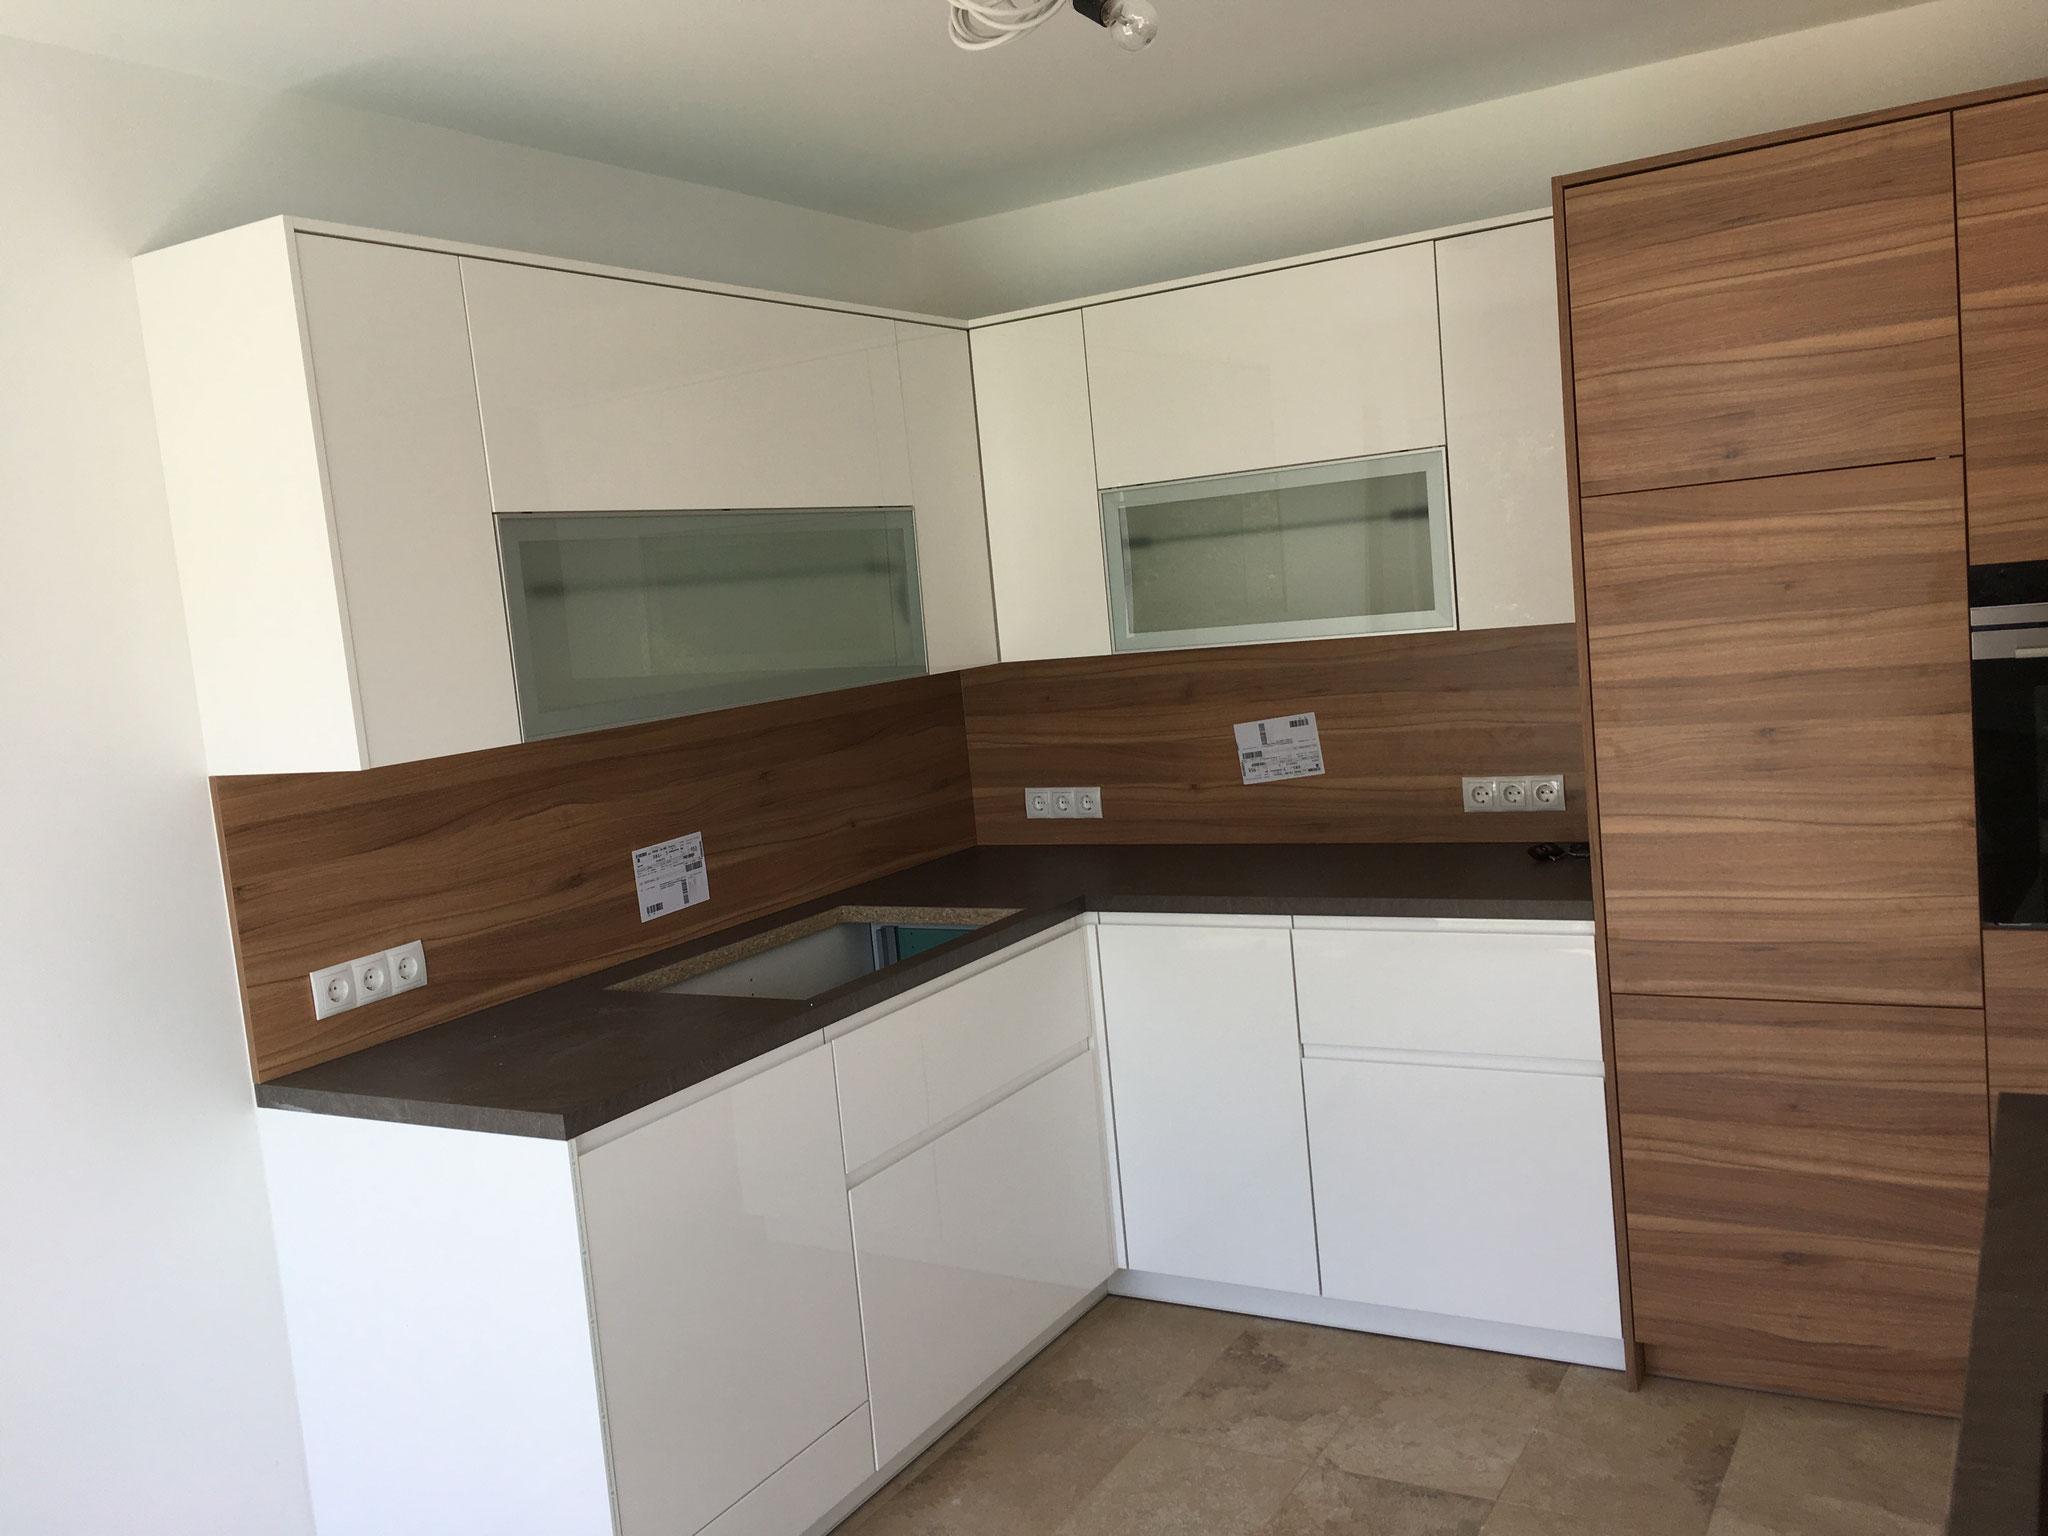 Spülmaschine in ikea küche einbauen offene küche wohnzimmer